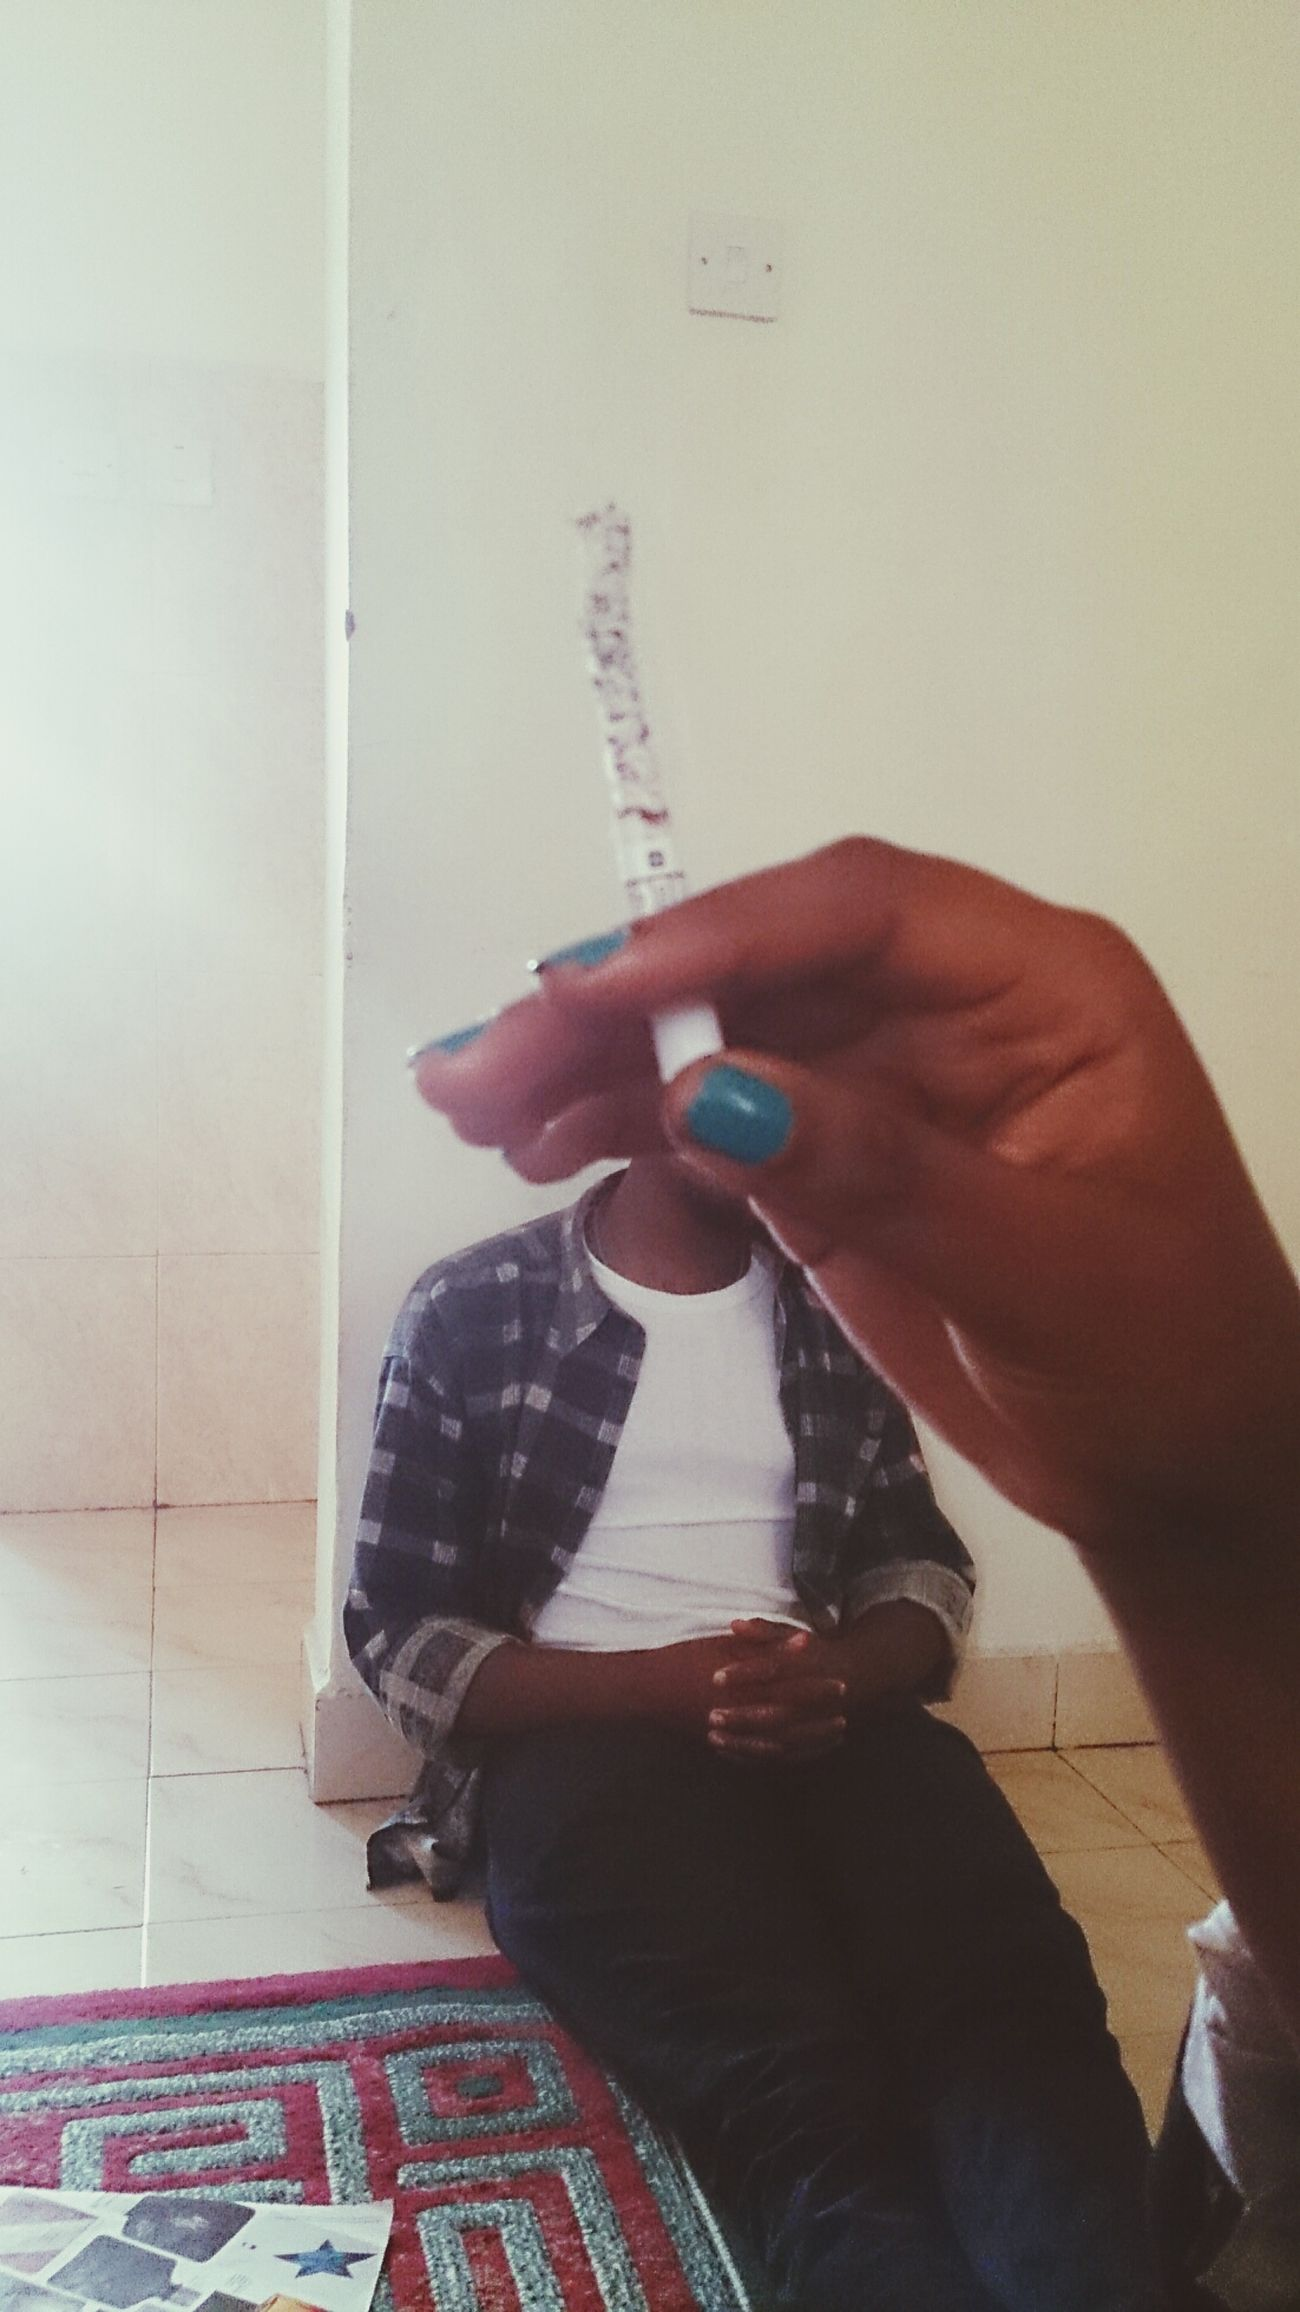 The Headless Man Bodyless Cigarette